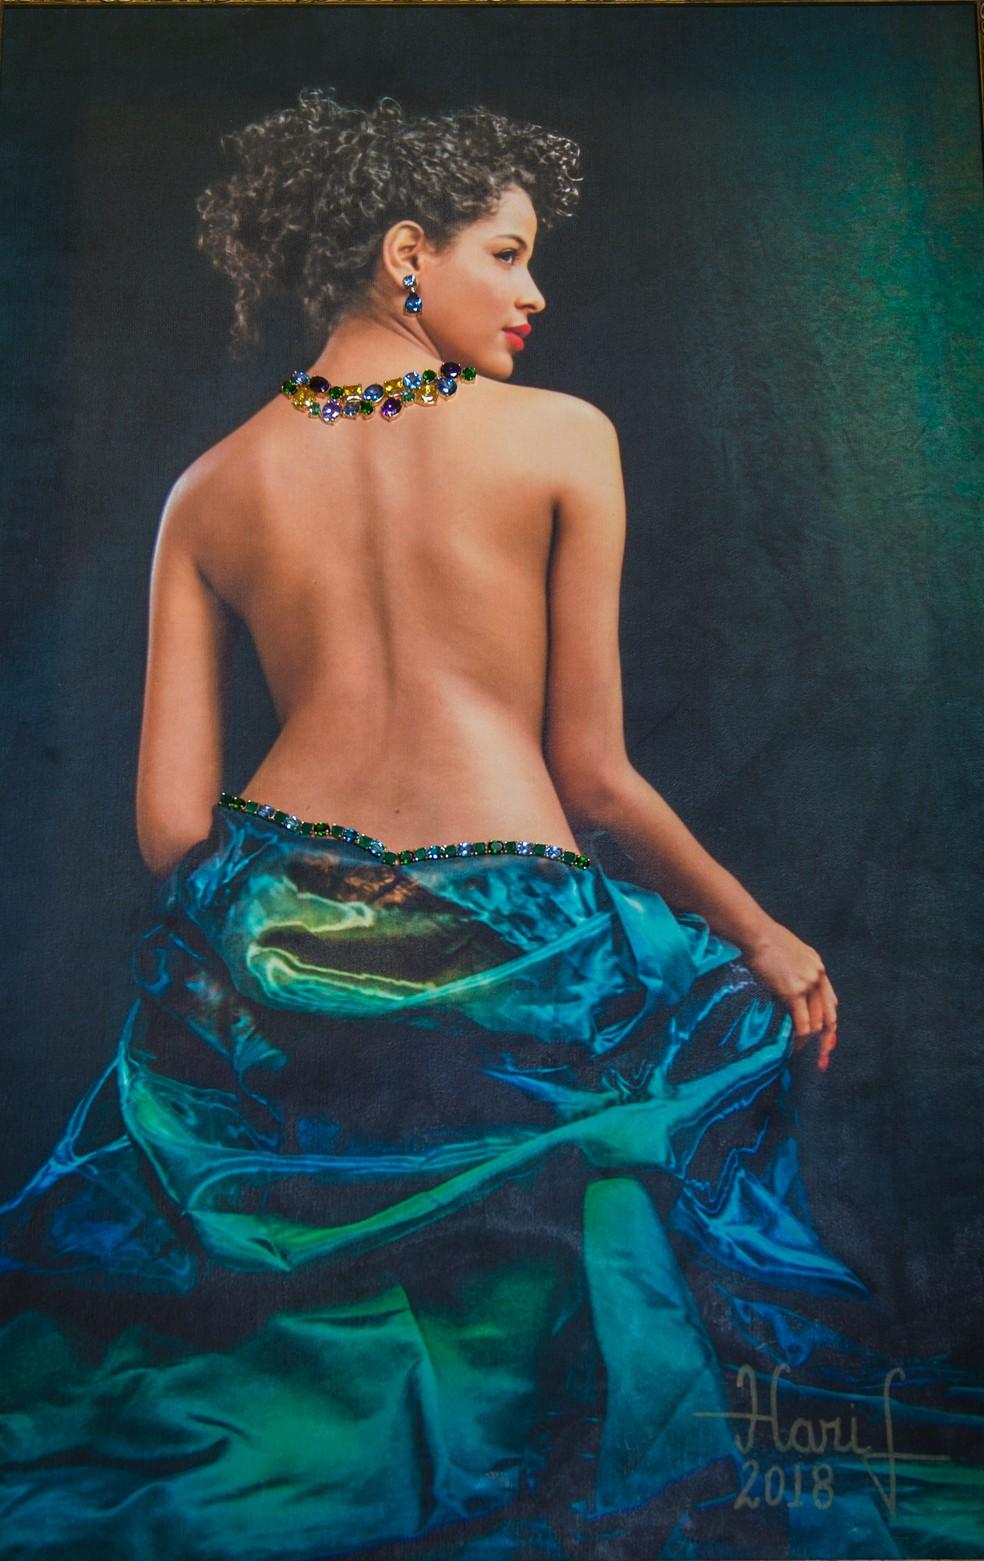 Quadro da artista plástica Maristela Giassi retrata a Miss Brasil Monalysa Alcântara. (Foto: Maristela Giassi)